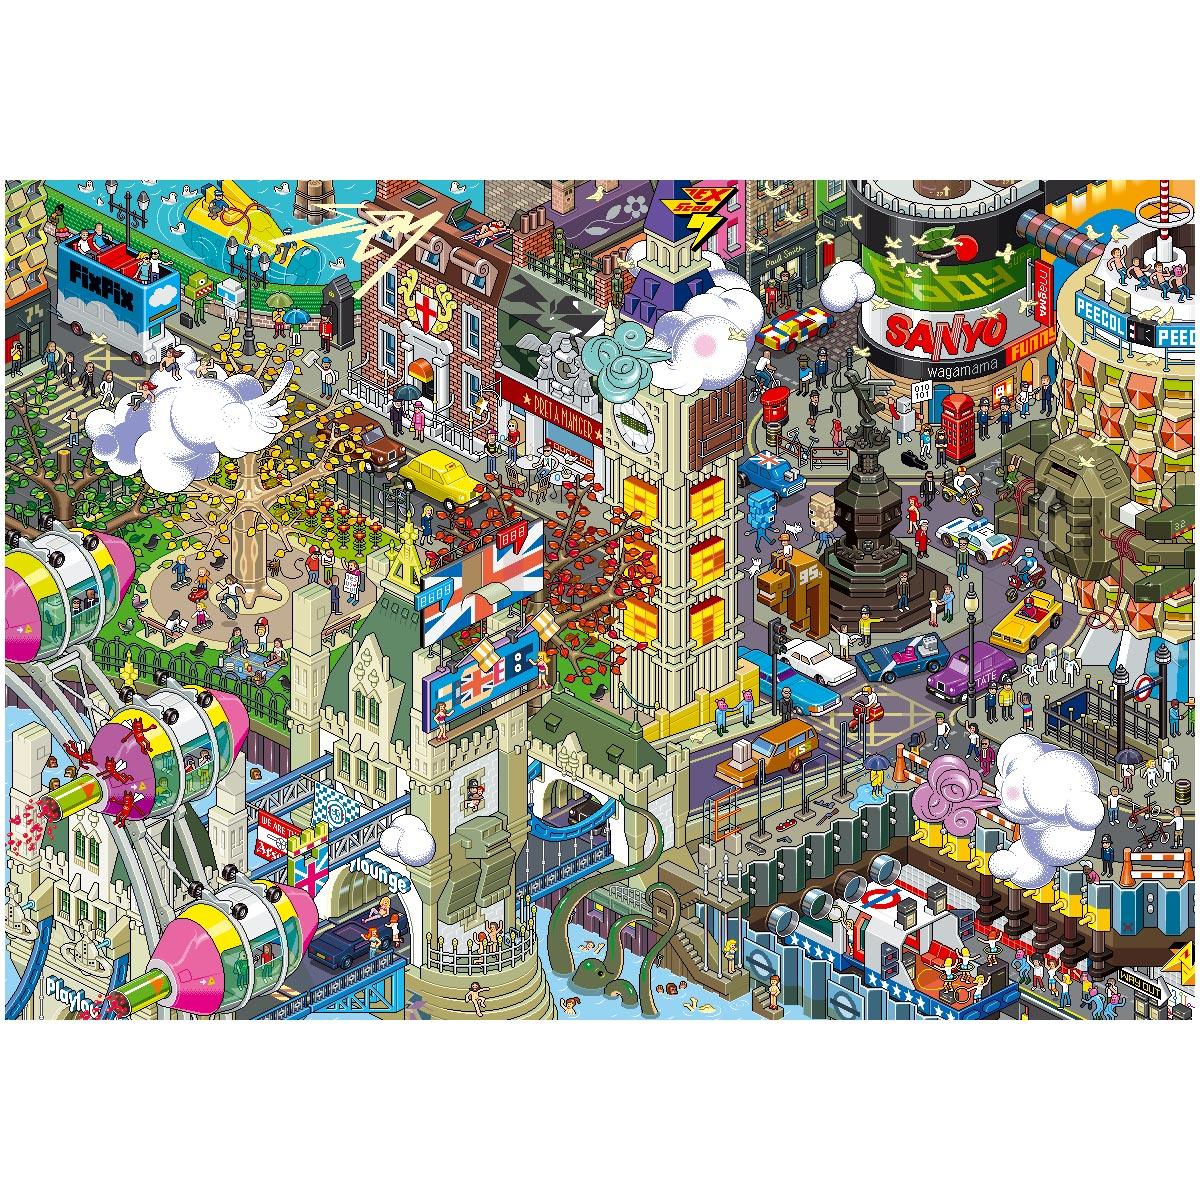 London Pixel poster